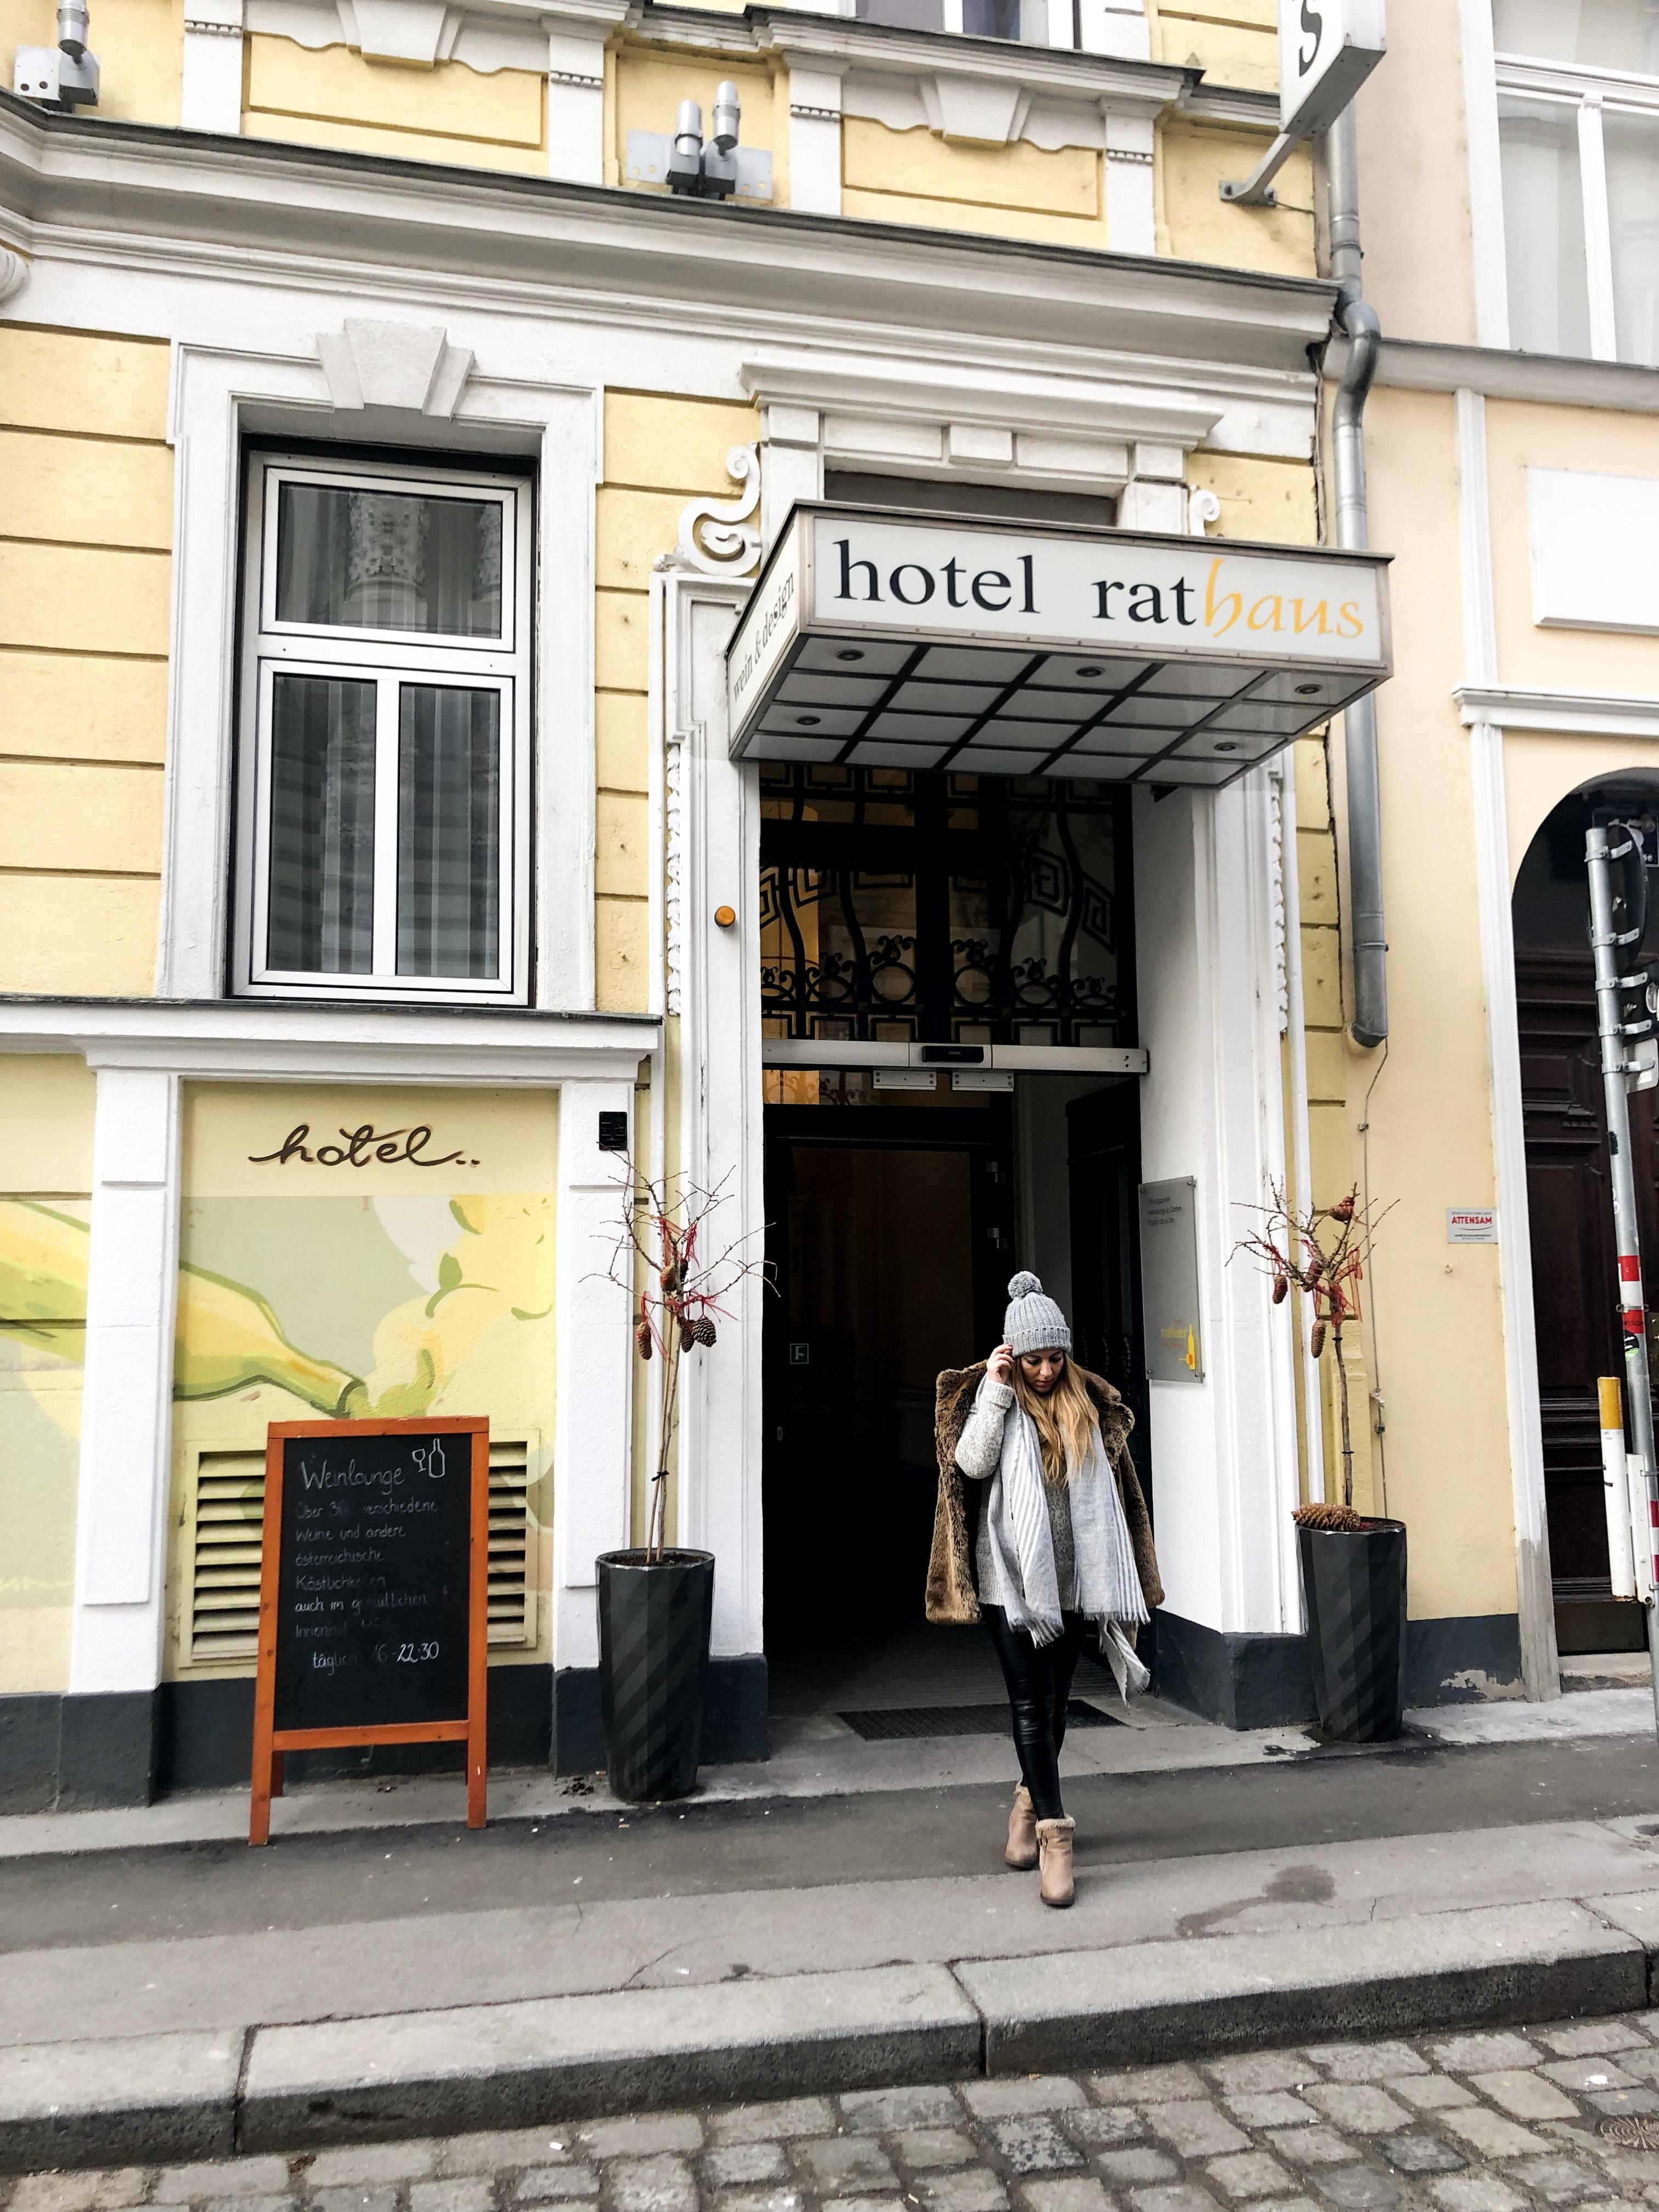 Hotel Rathaus viena